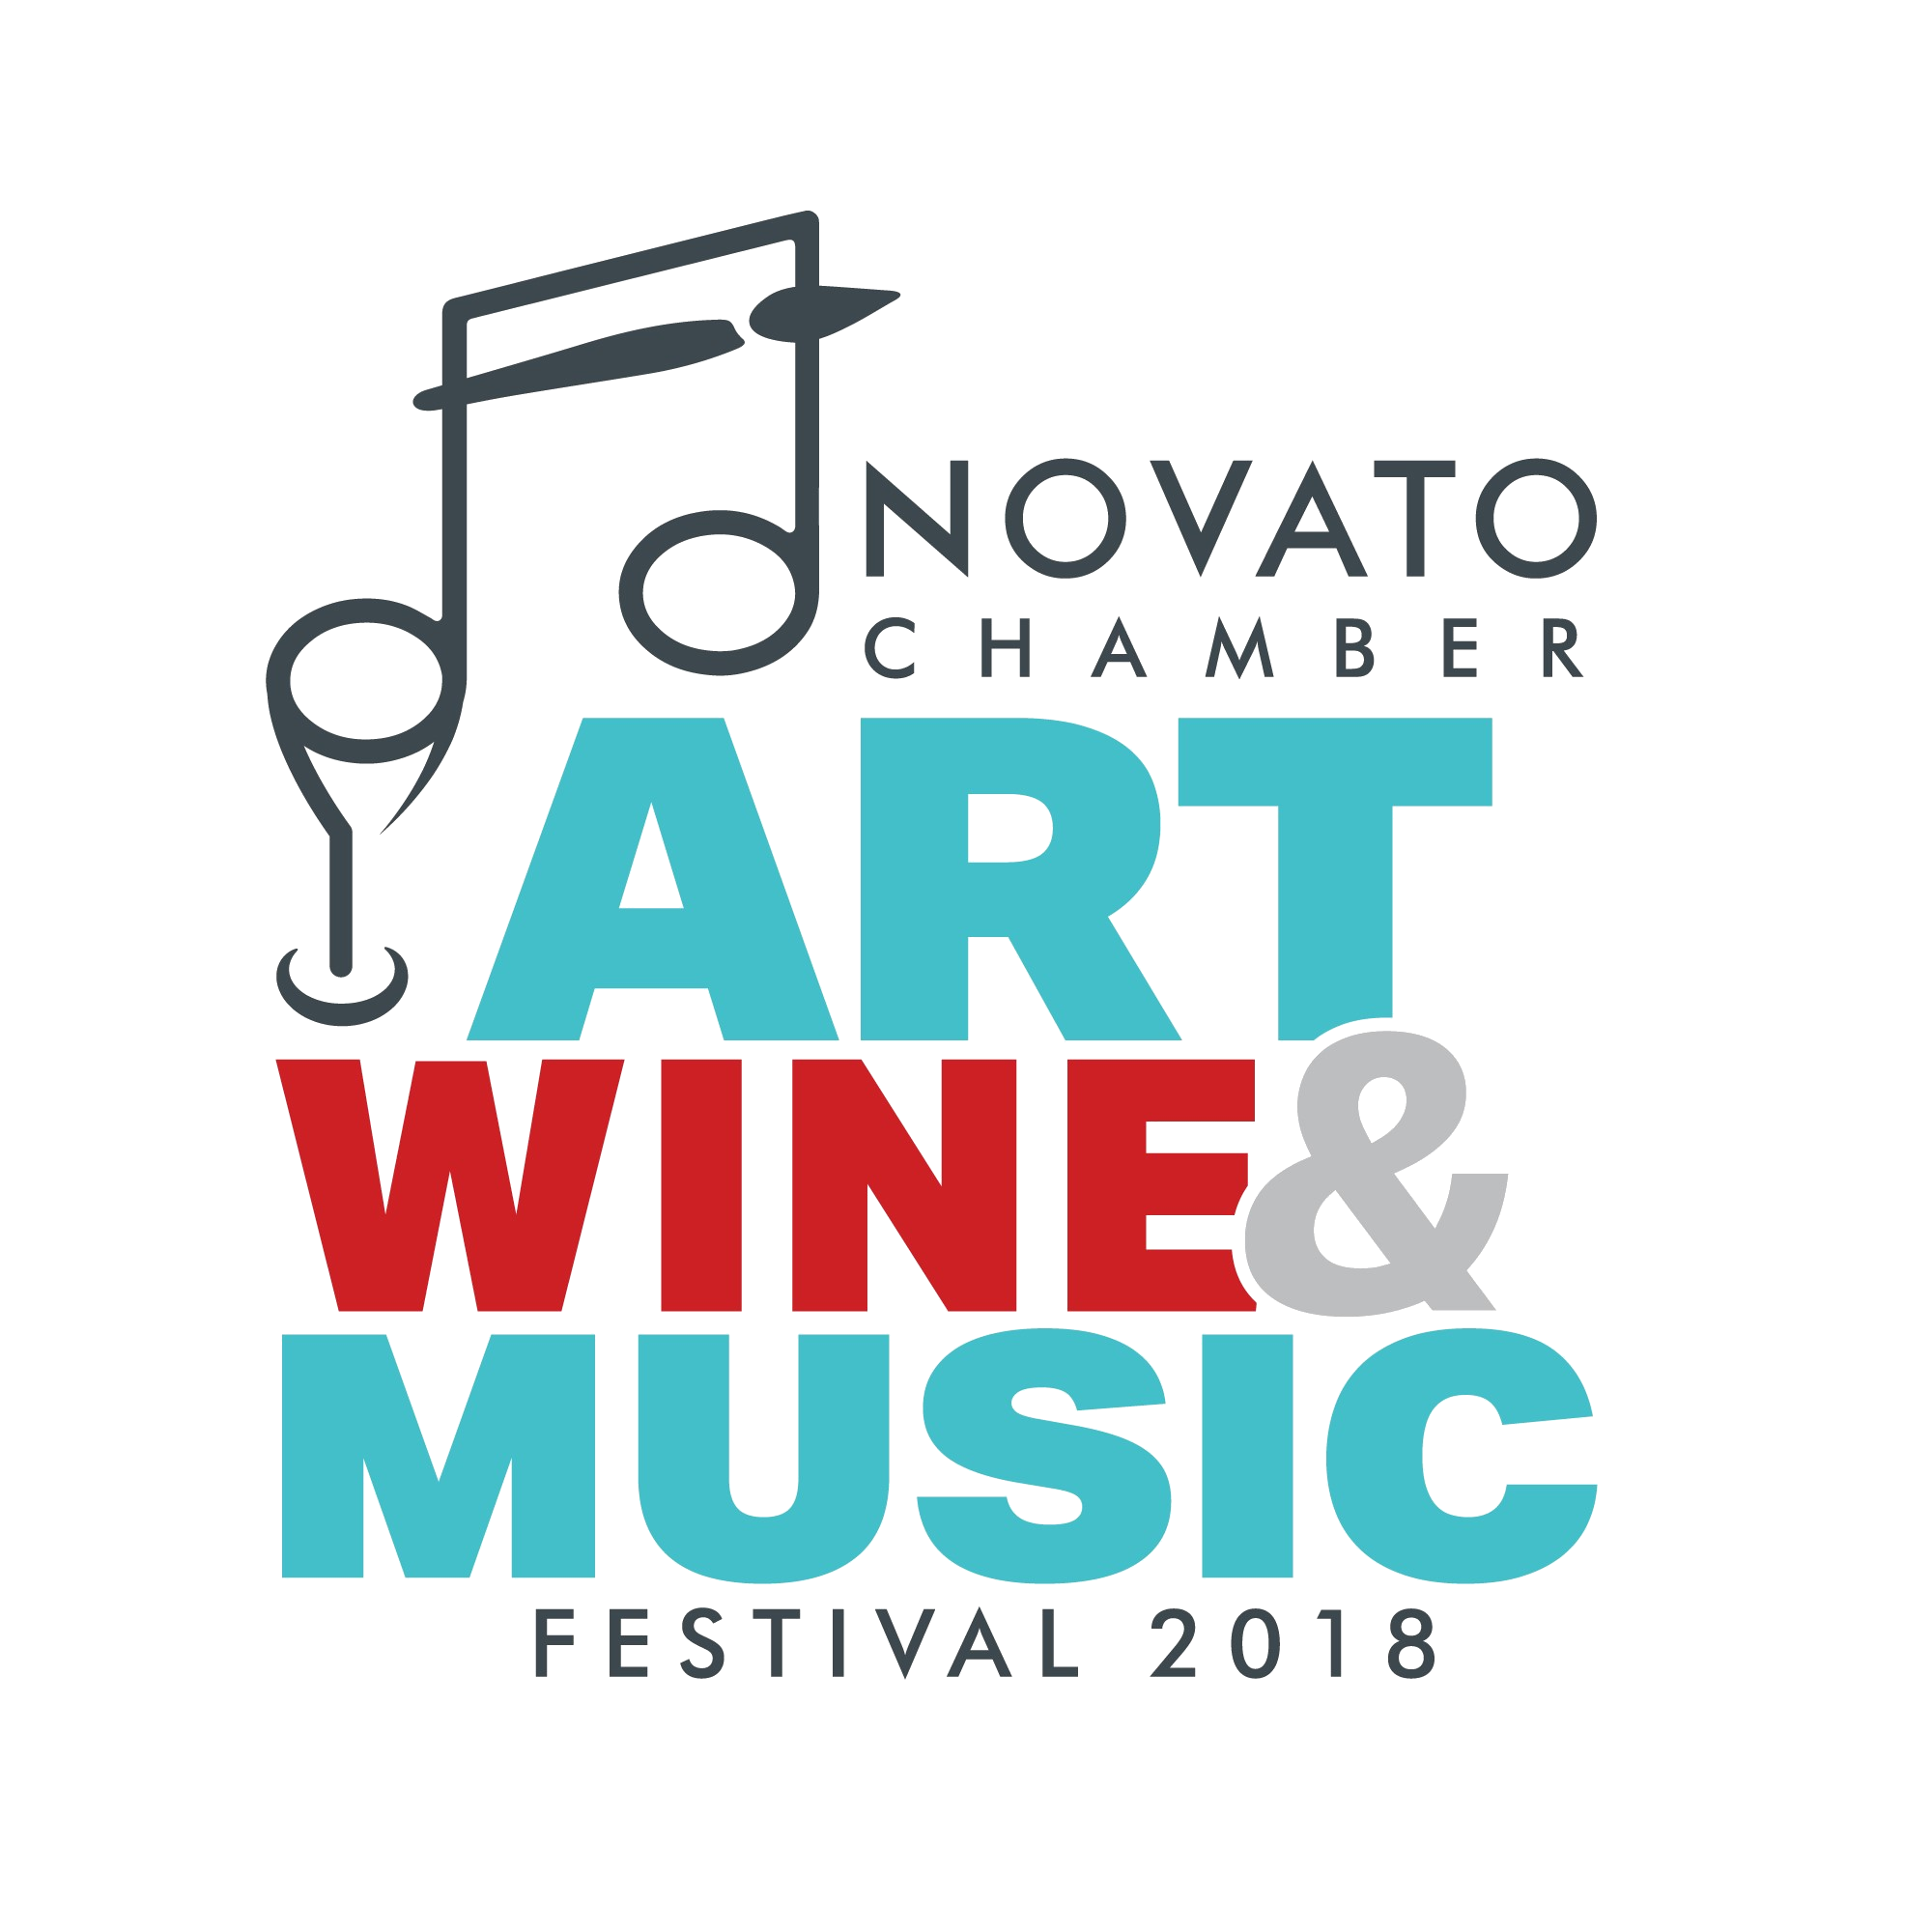 Festival of Art Wine Music Novato Chamber Grant Downtown Beer Moylans Margarita CCK PGE Sponsorship Kids Free Cheap Event